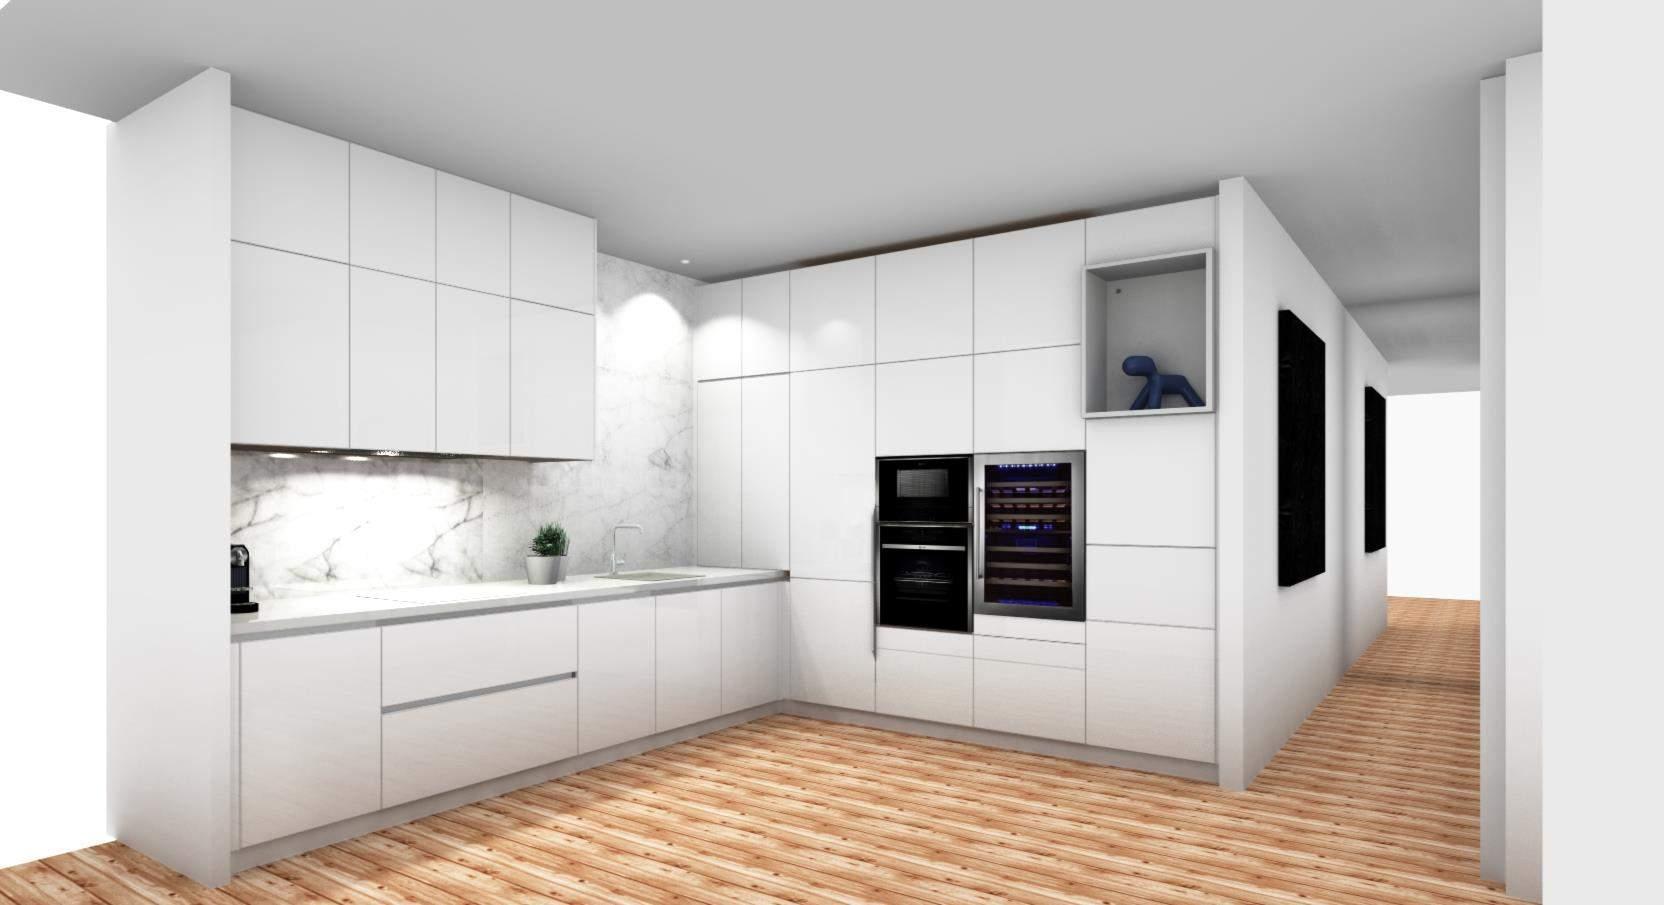 faire une cuisine sur mesure amazing banquette cuisine en bois faire soimme pour luintrieur. Black Bedroom Furniture Sets. Home Design Ideas